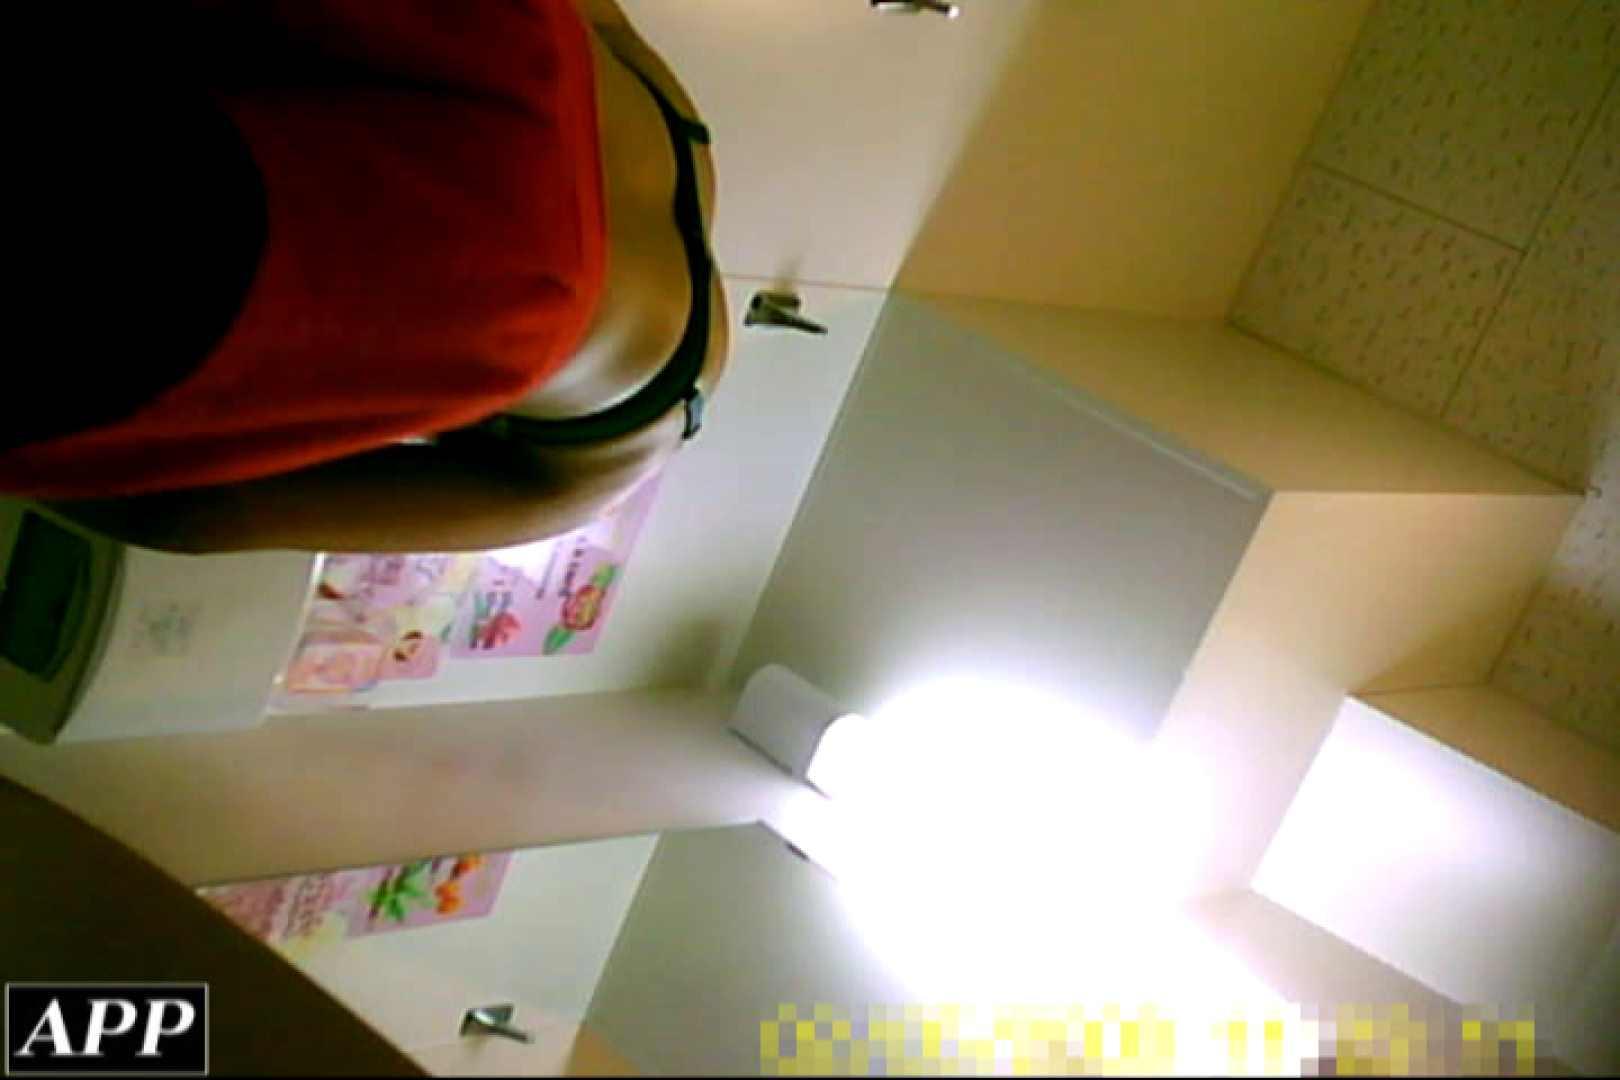 3視点洗面所 vol.119 マンコ アダルト動画キャプチャ 106pic 37